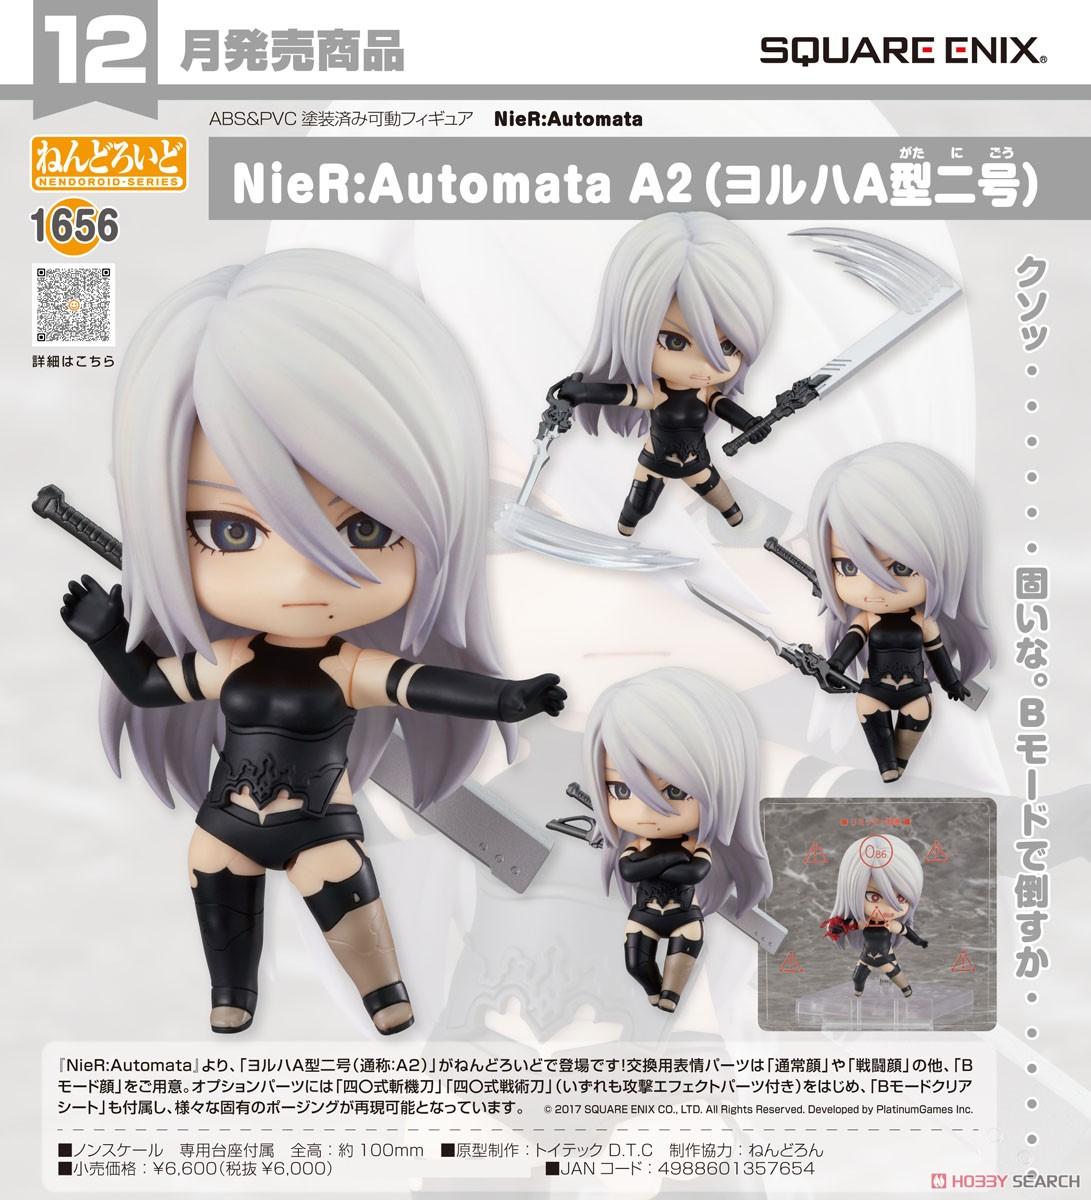 ねんどろいど『A2(ヨルハA型二号)』NieR:Automata デフォルメ可動フィギュア-006